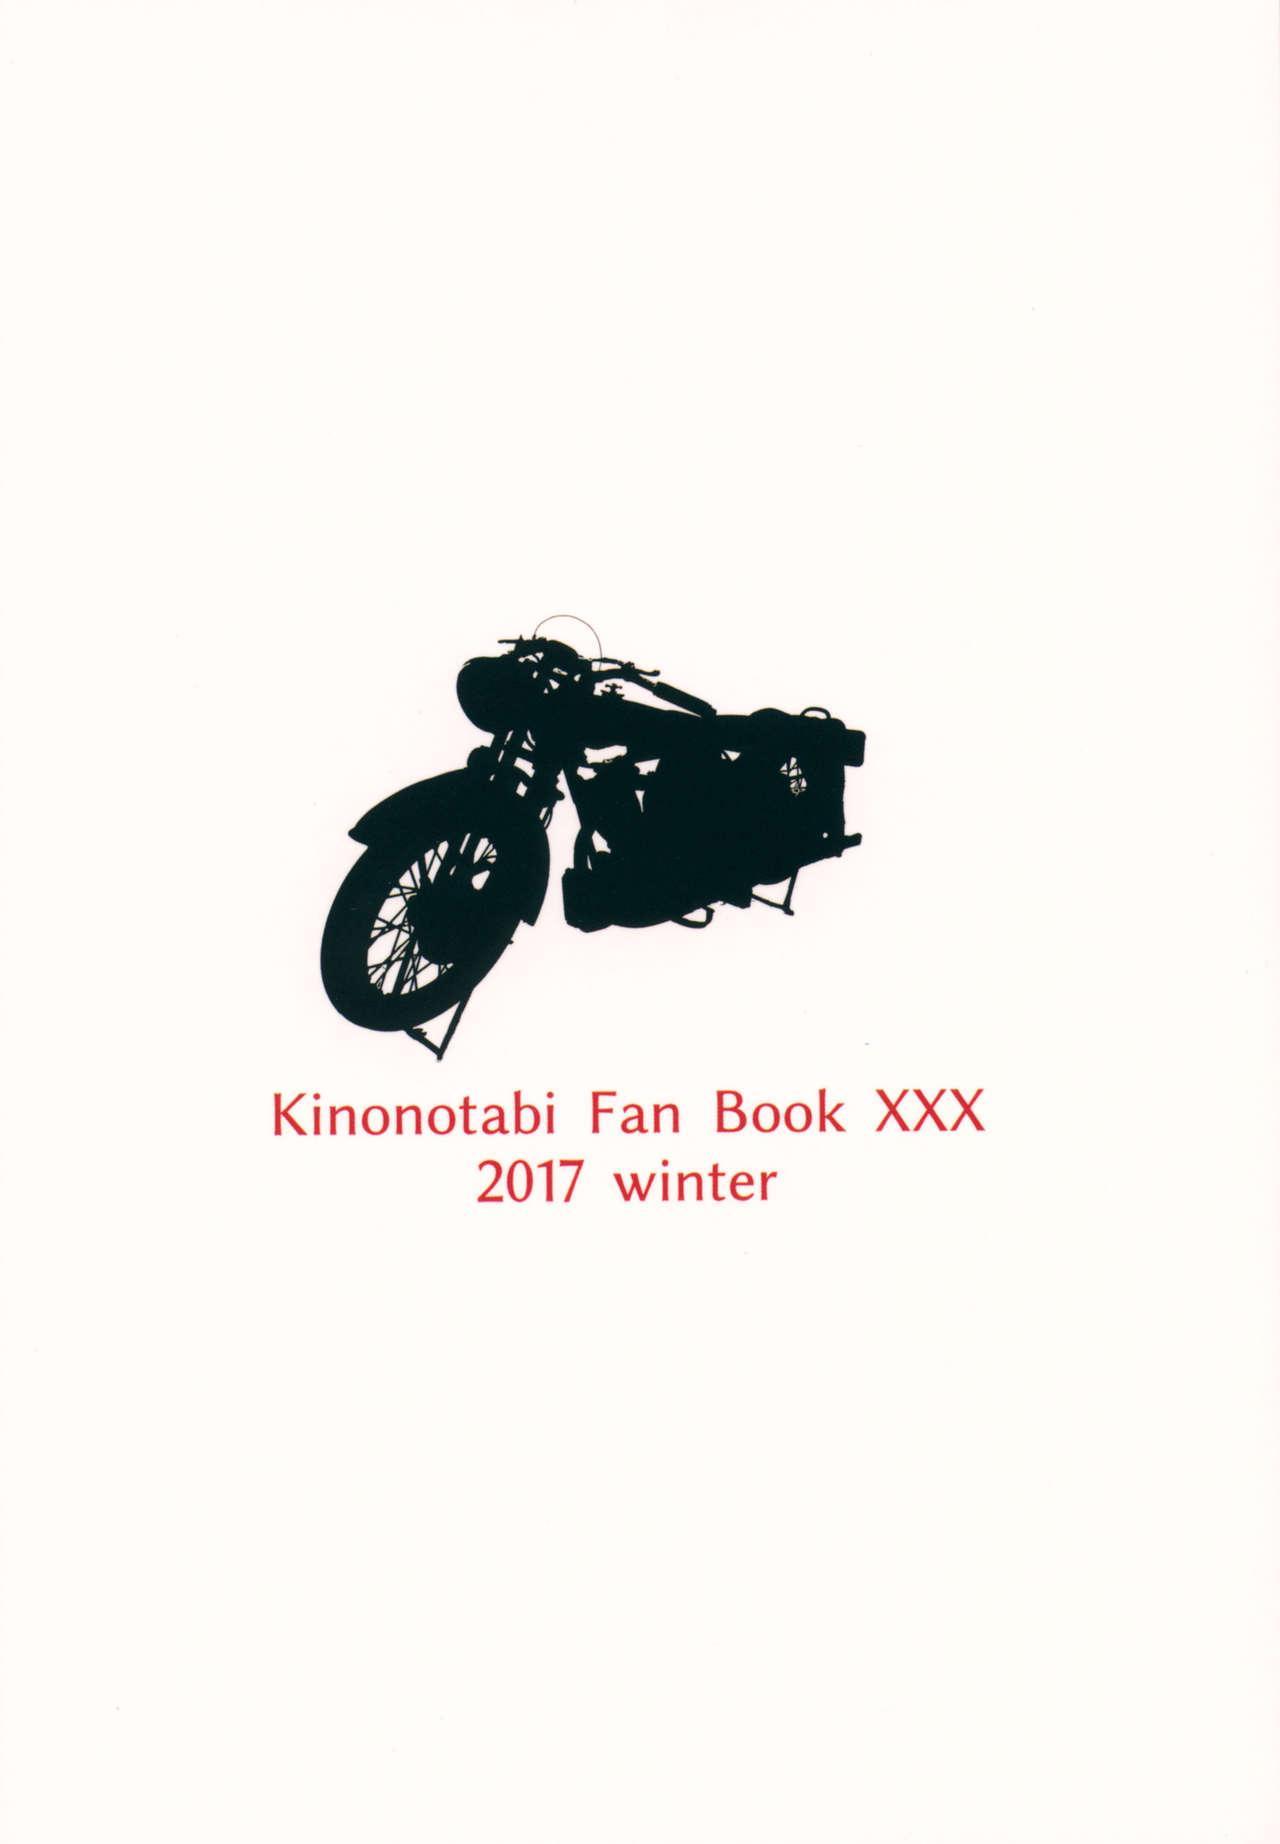 xxx Shinai to Derarenai Kuni   The Country Where You Can't Leave Unless You XXXX 37